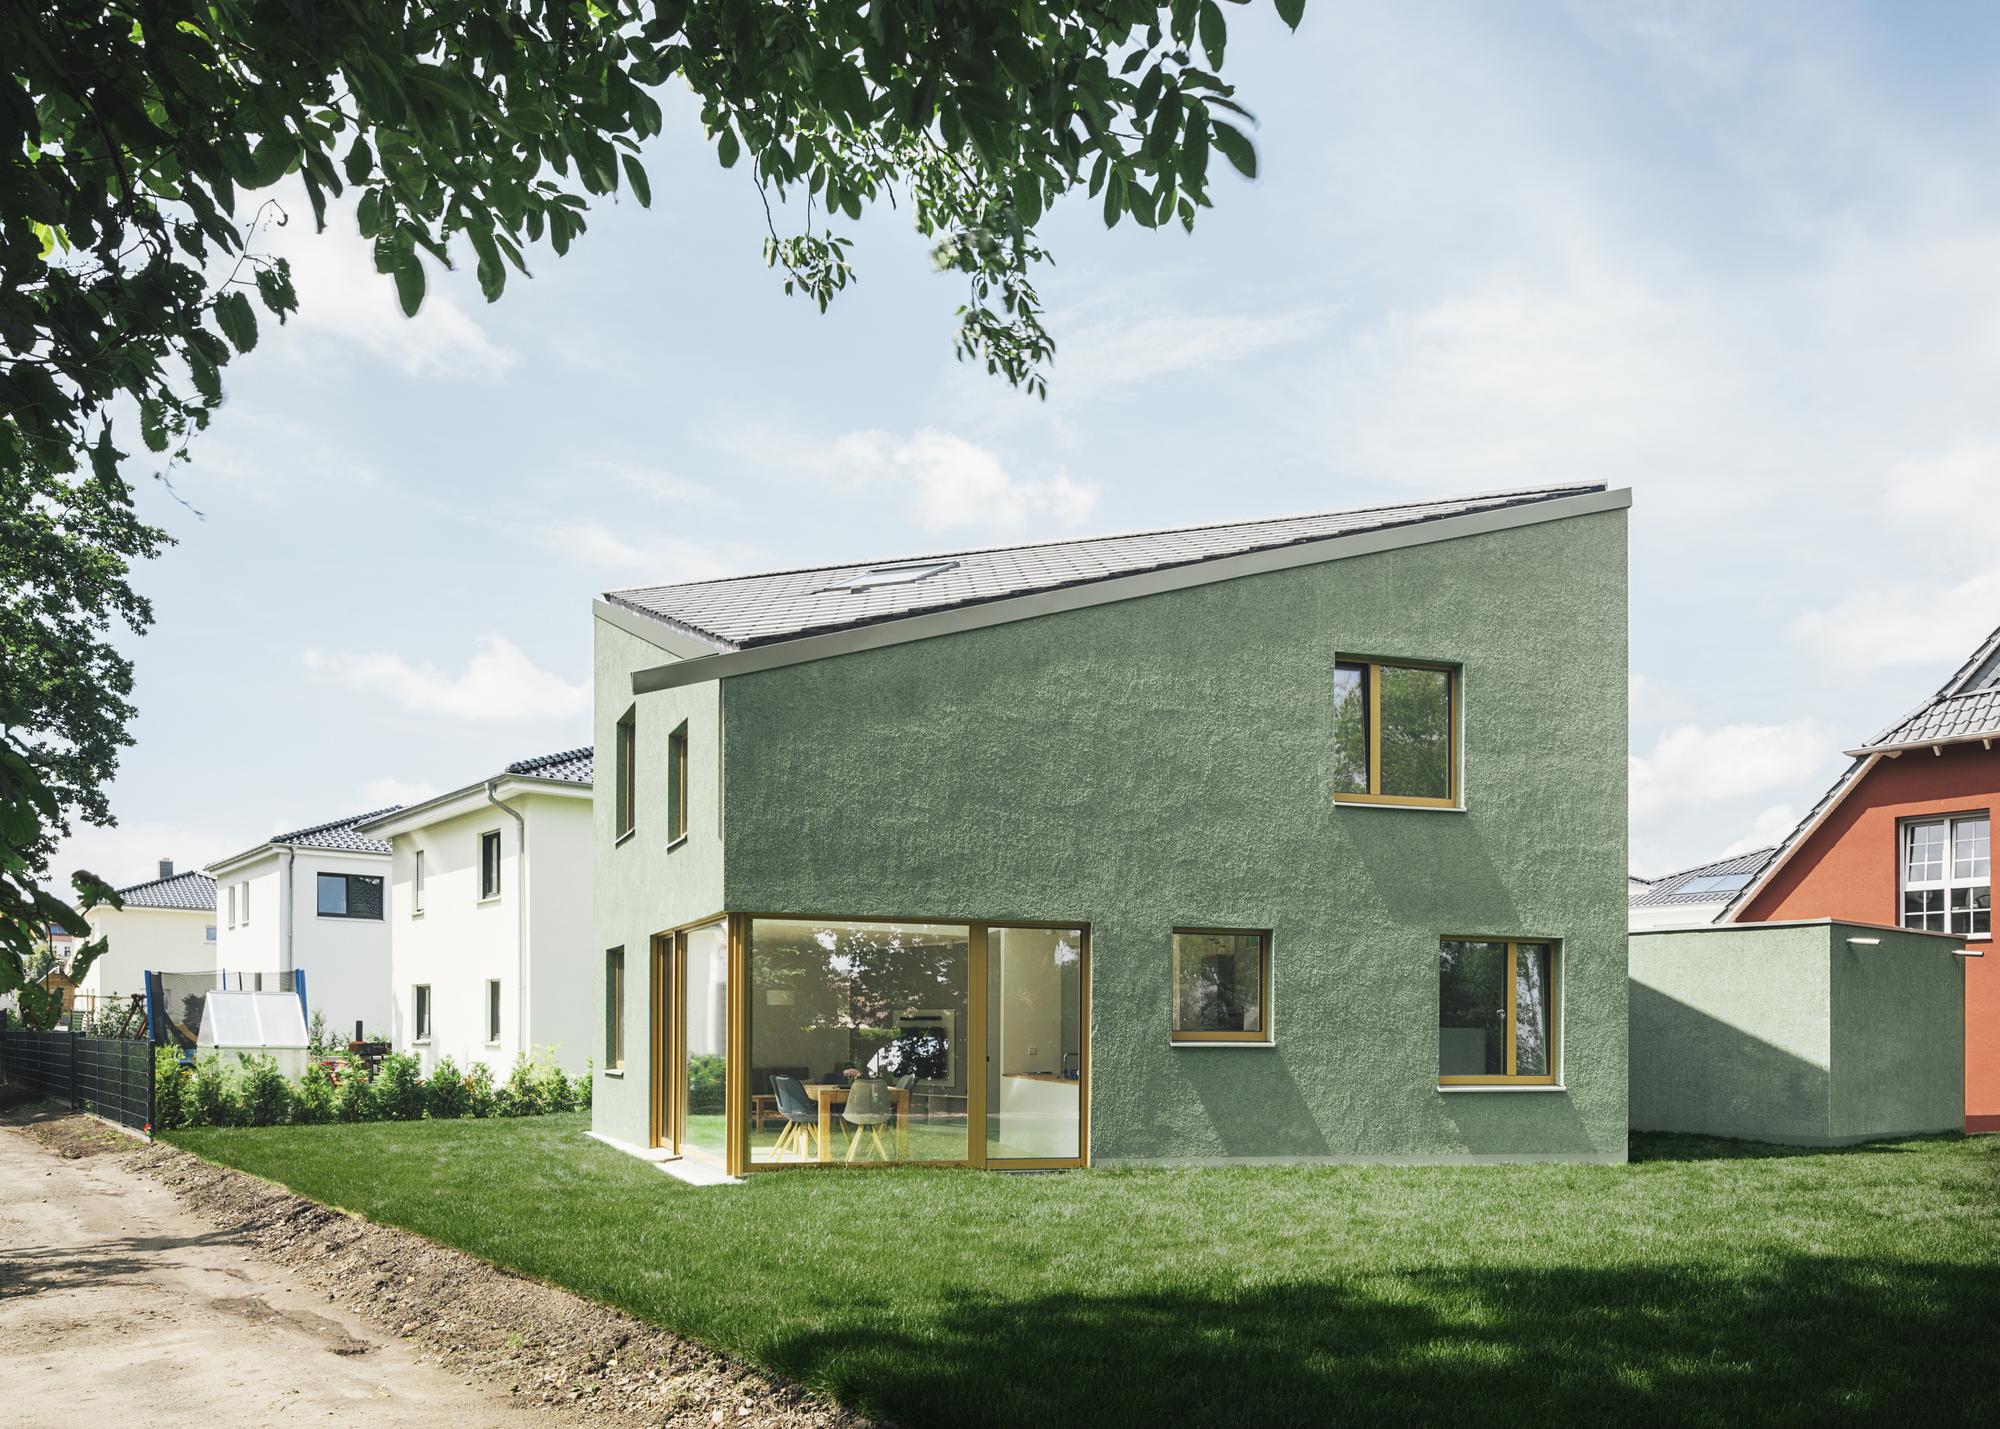 Haus p project architecture company miriam poch architektin